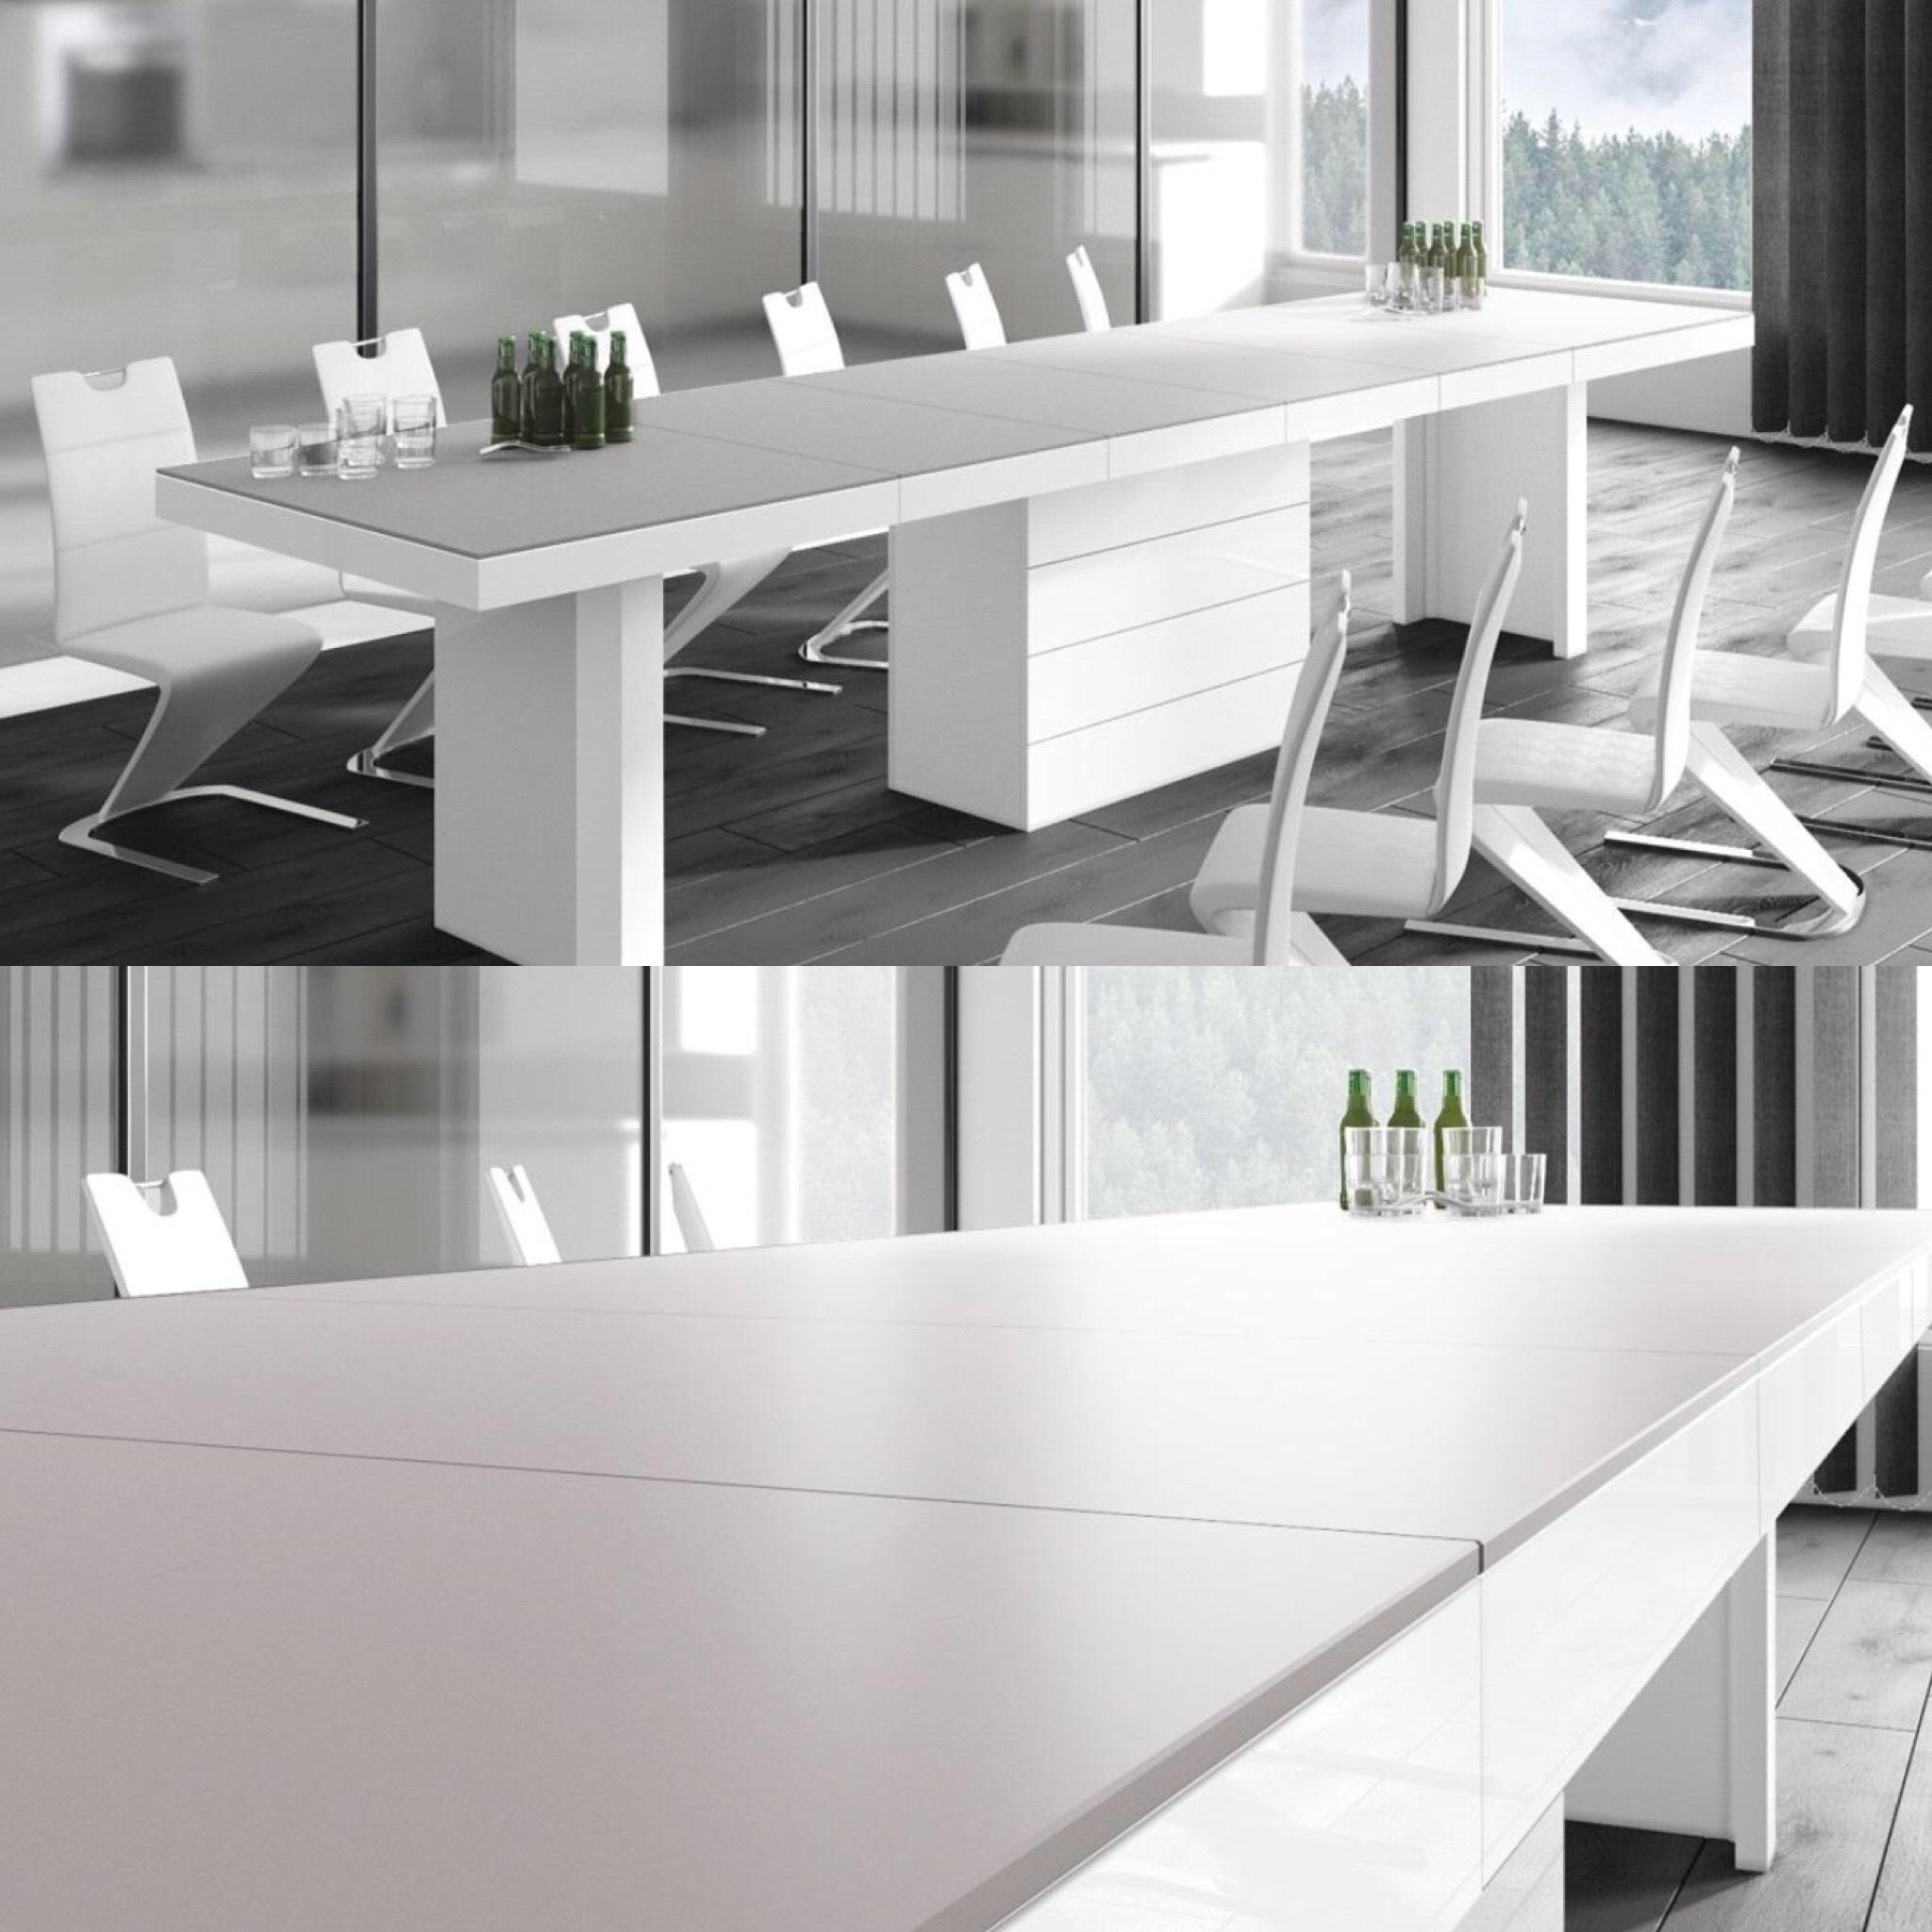 esstisch kombination affordable couchtisch esstisch kombination wohlgeformt brick von paola. Black Bedroom Furniture Sets. Home Design Ideas